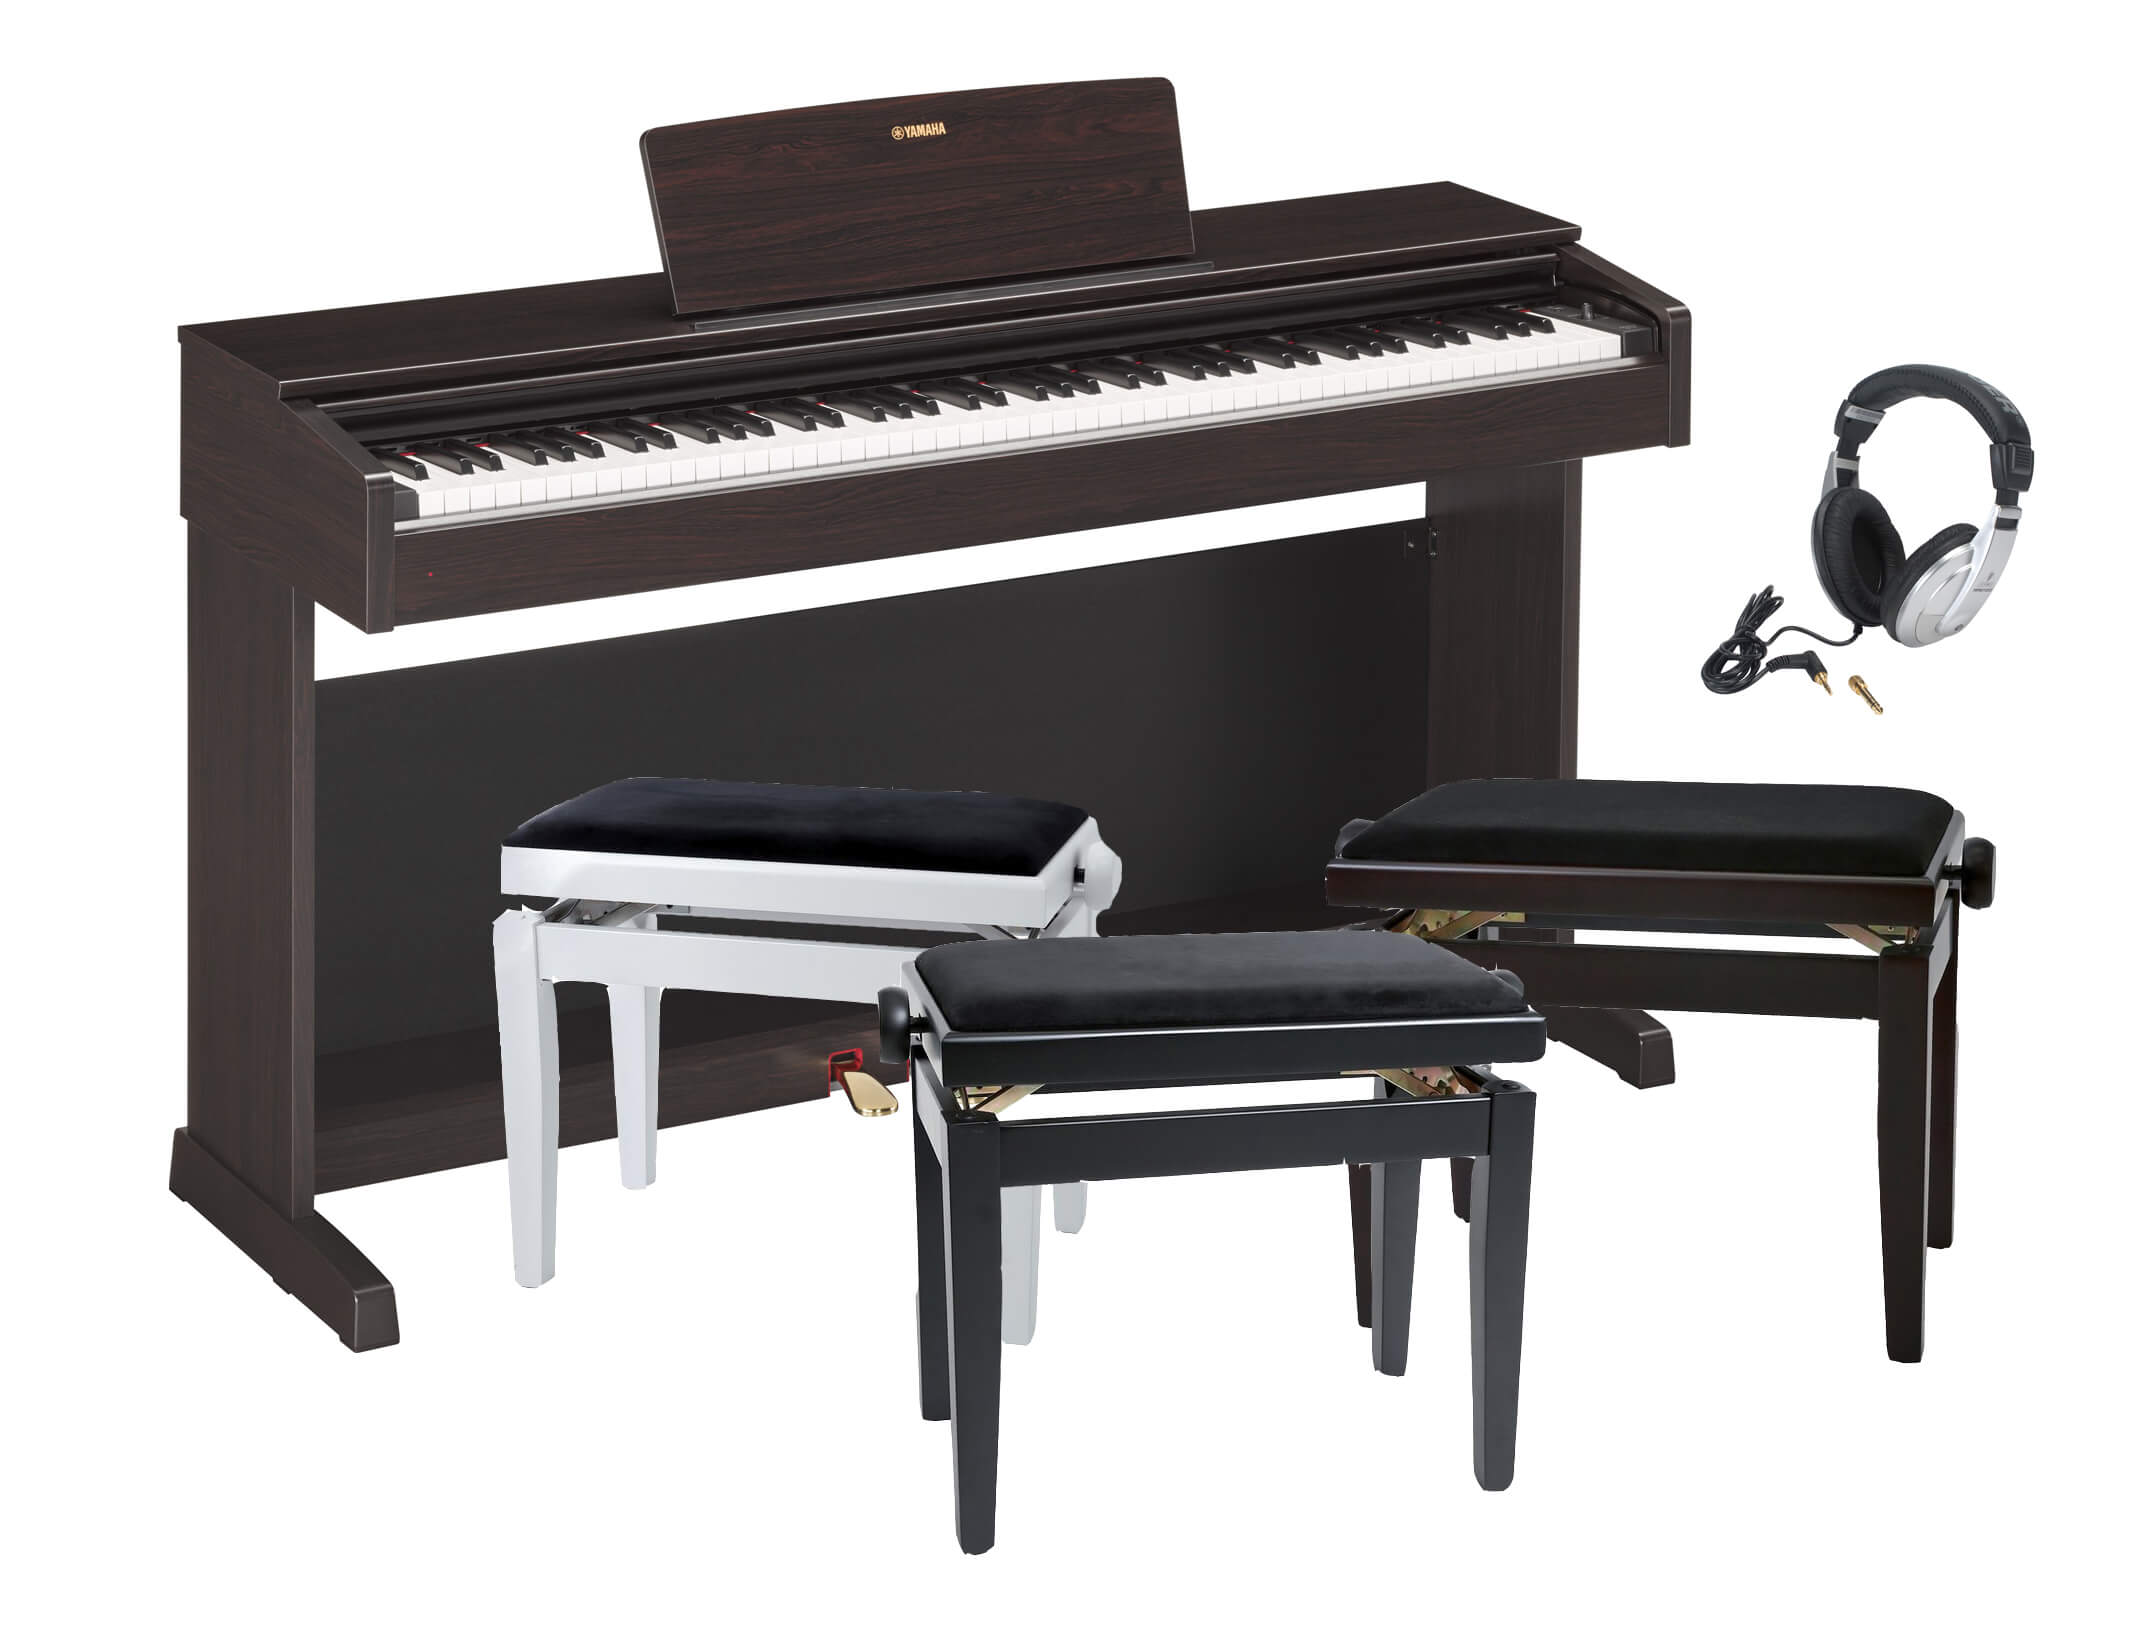 Pack Piano Digital Yamaha YDP-143 Con banqueta y auriculares